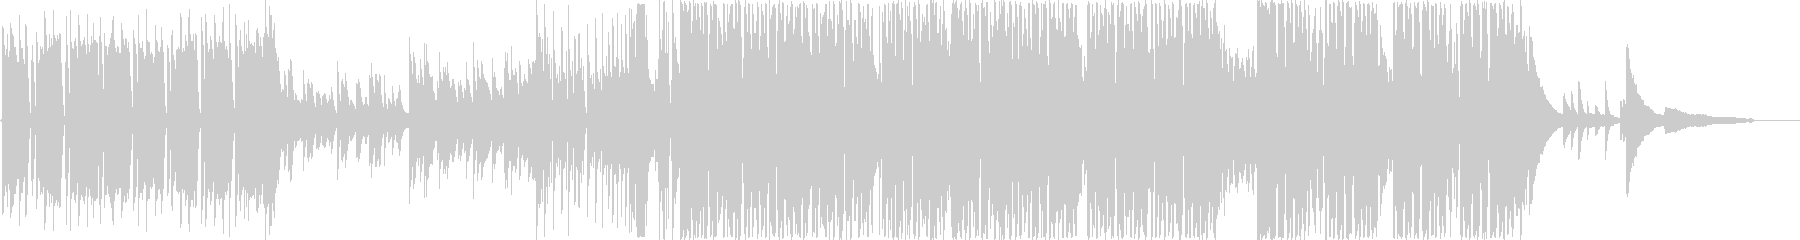 ウキウキ系の軽やかなピアノEDMの未再生の波形